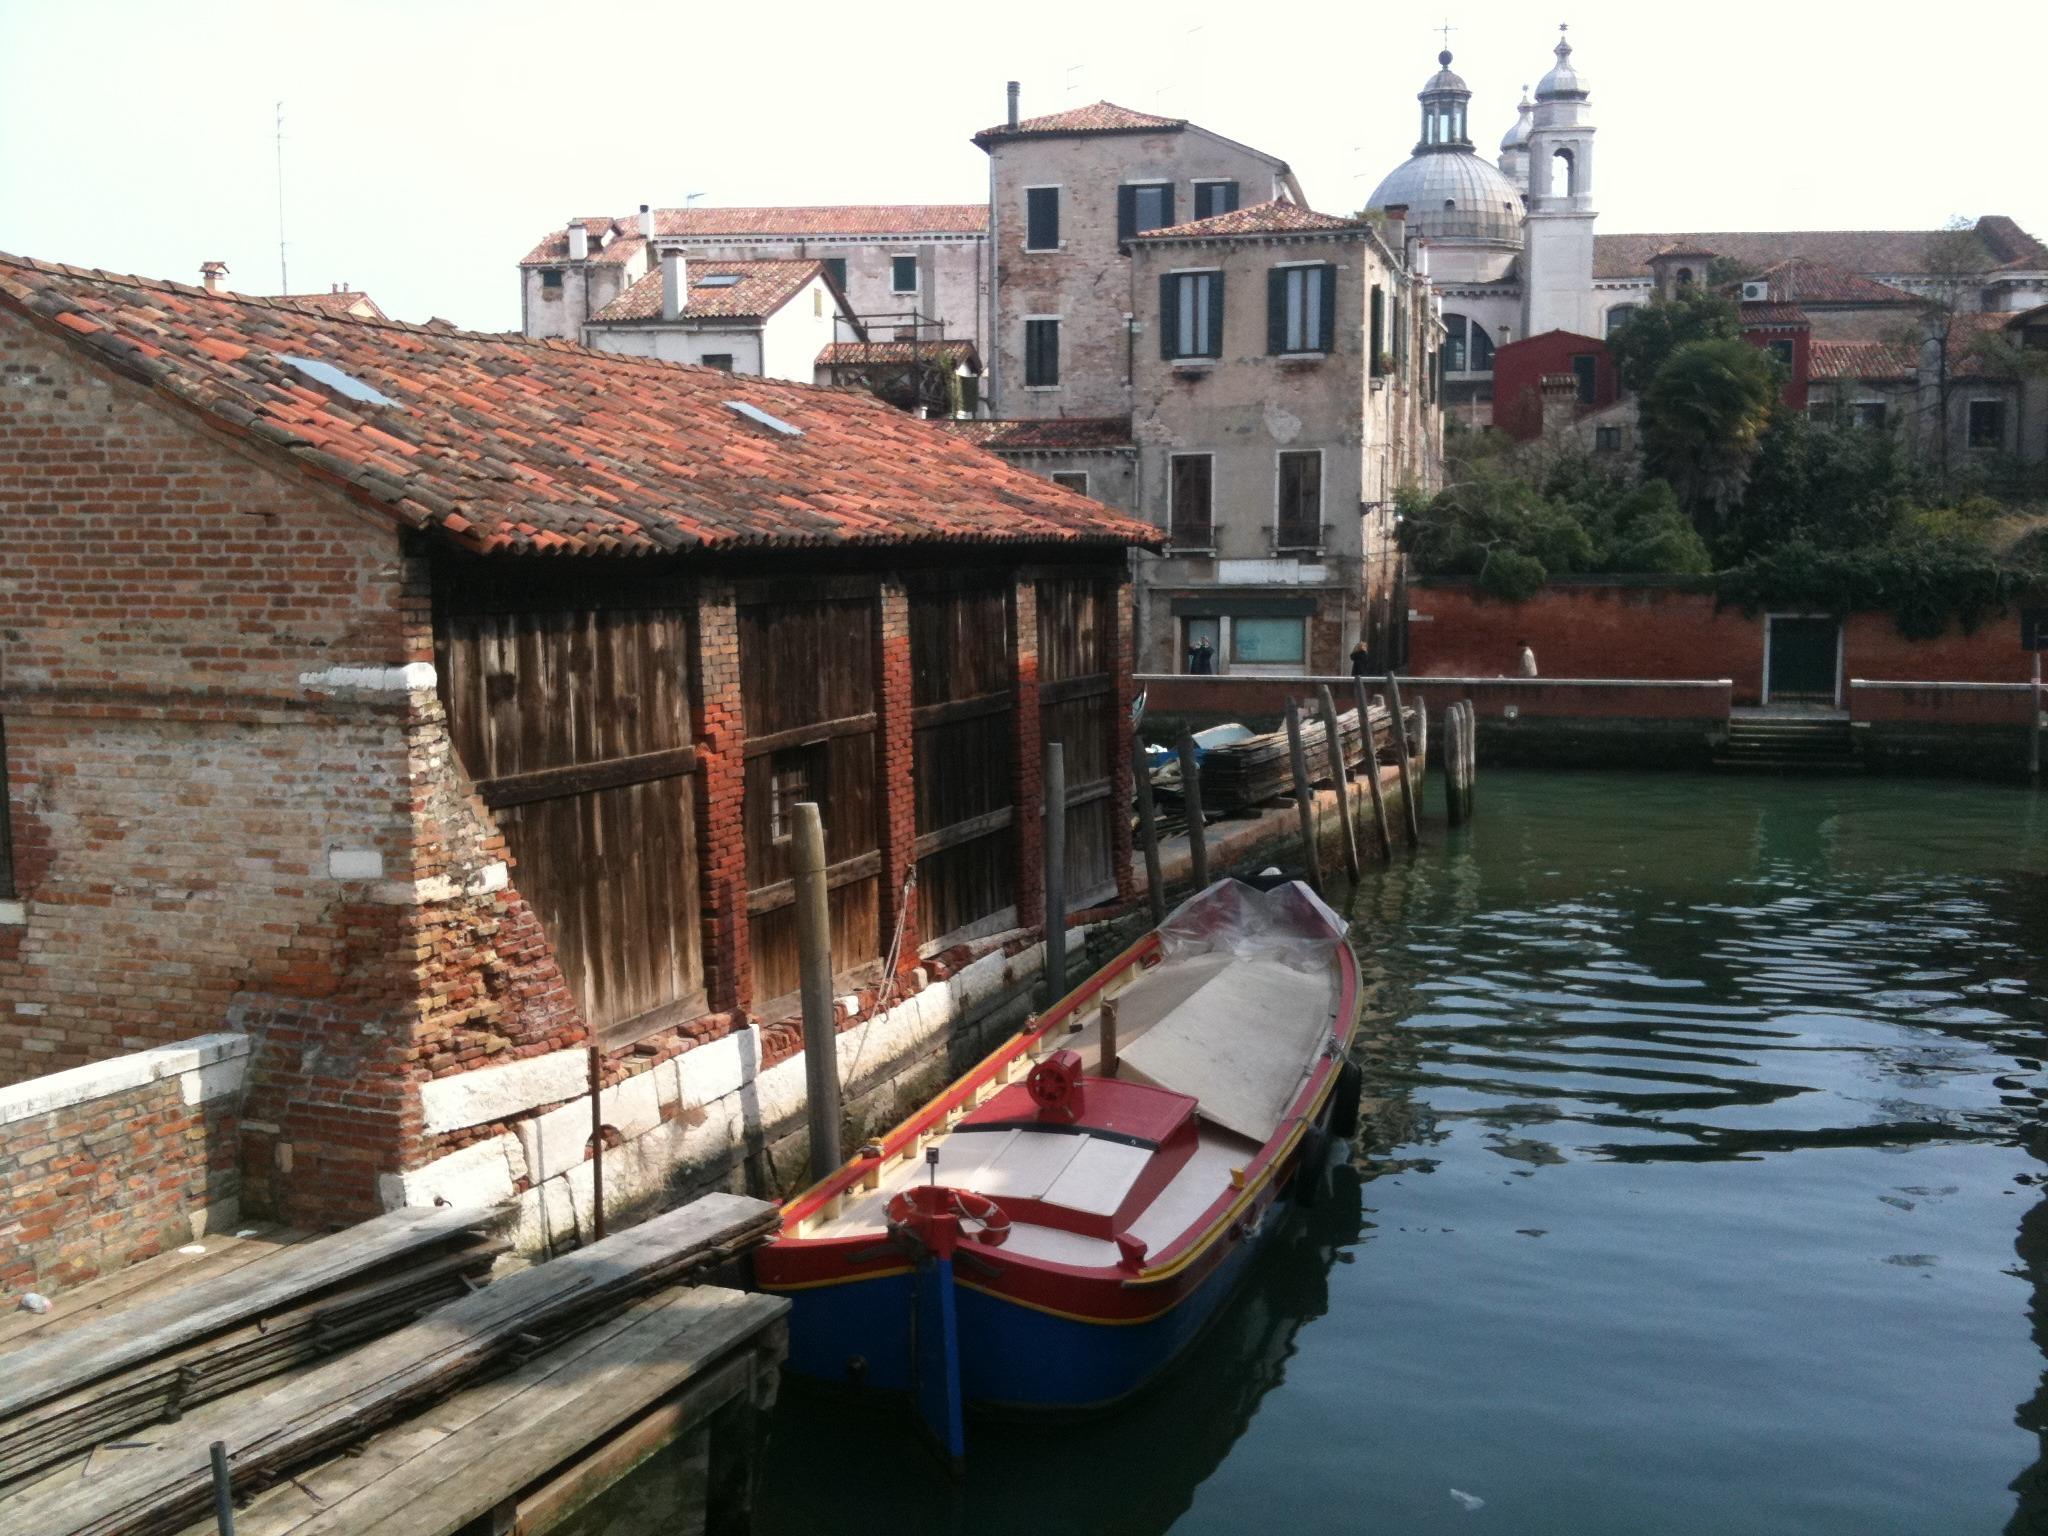 Venice - Mobile Photos - Days 1 & 2